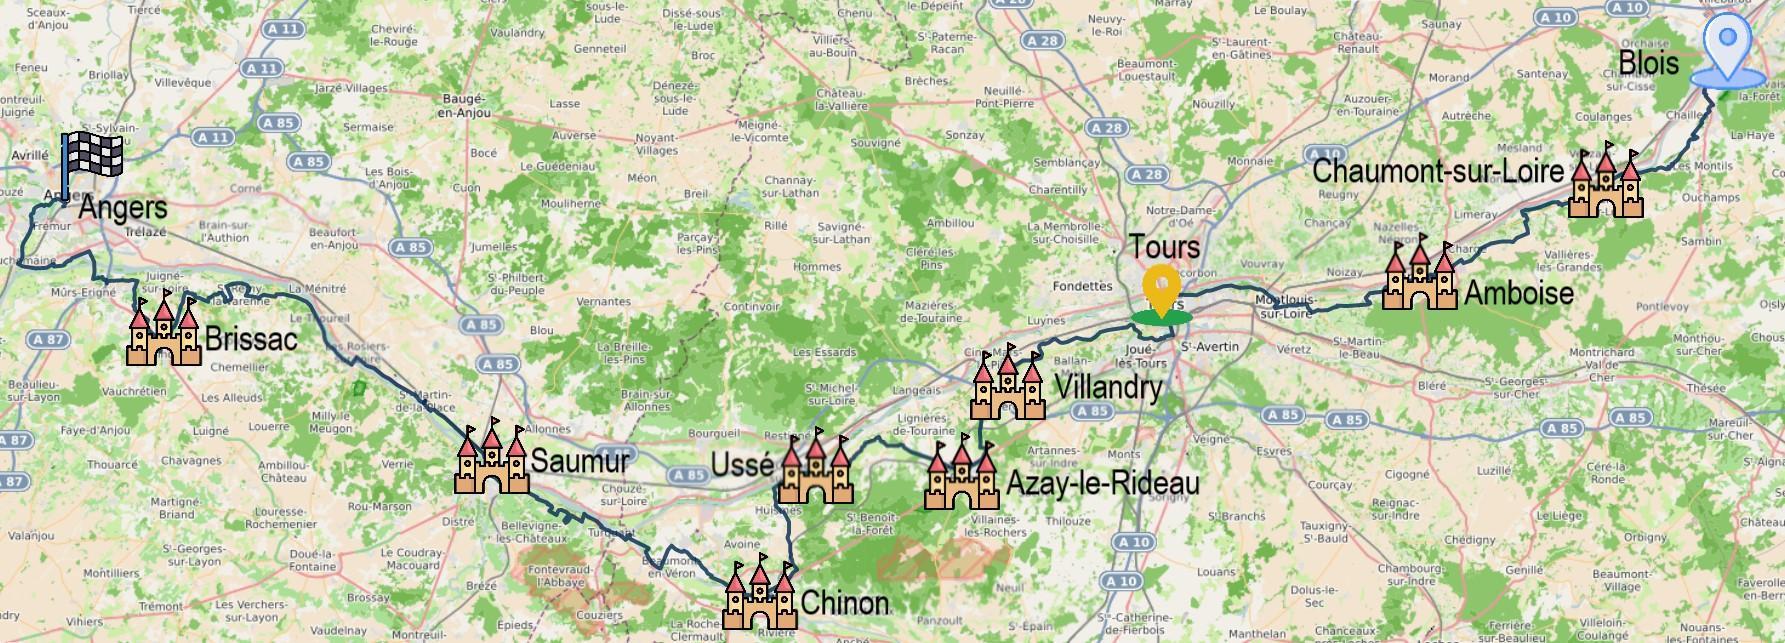 Carte itinéraire du séjour De Blois à Angers en 6 jours